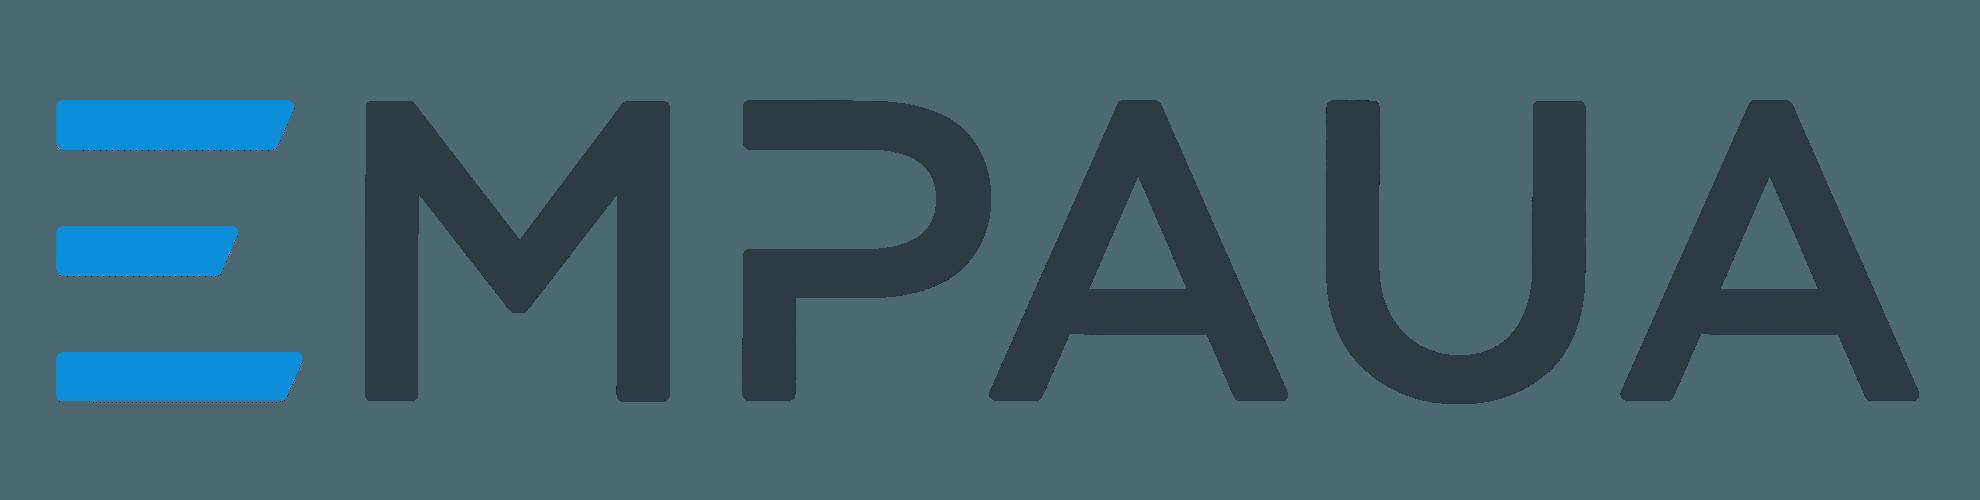 EMPAUA_logo_official_1920x1080 px (PDF)